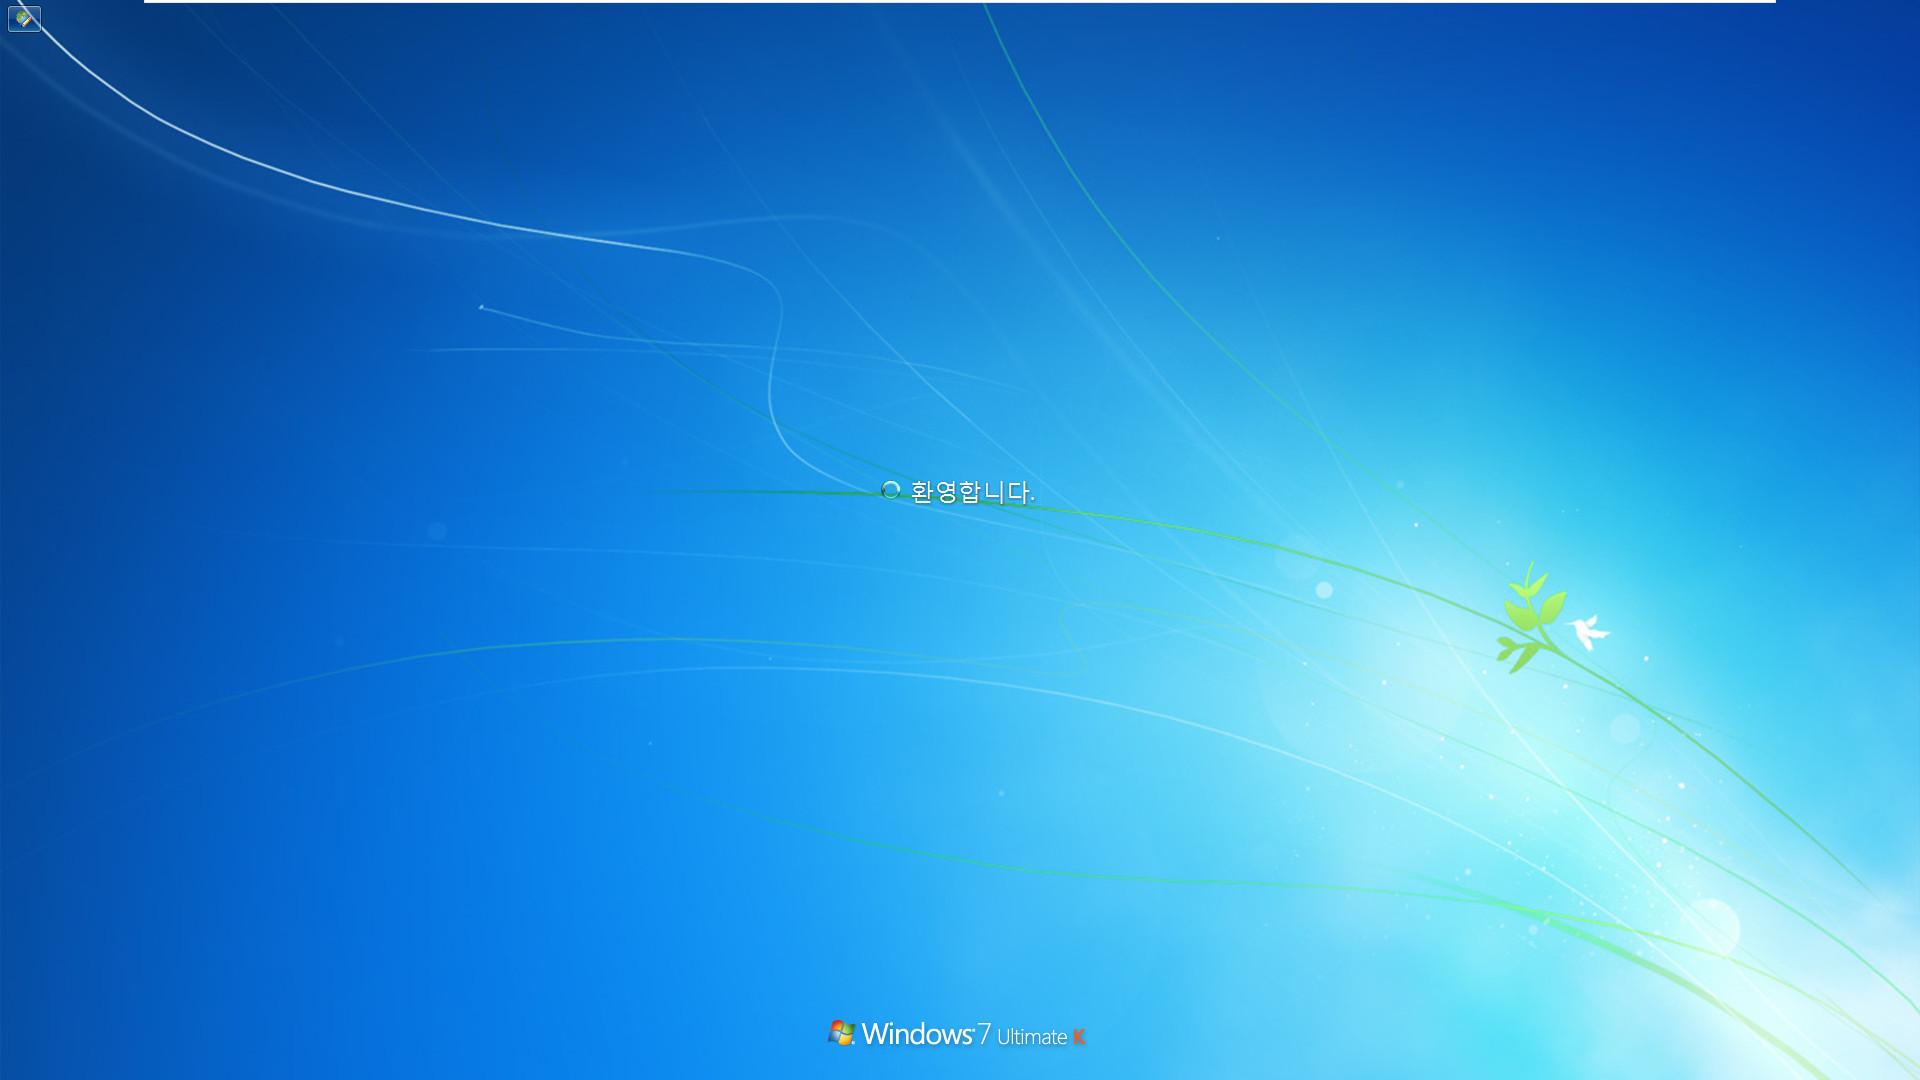 imageres.dll적용 테스트 - Windows 10 ROG EDITION 2020 v7 [+ v1809 + Win7 + 제어판 아이콘 변경] 2021-05-02_010834.jpg